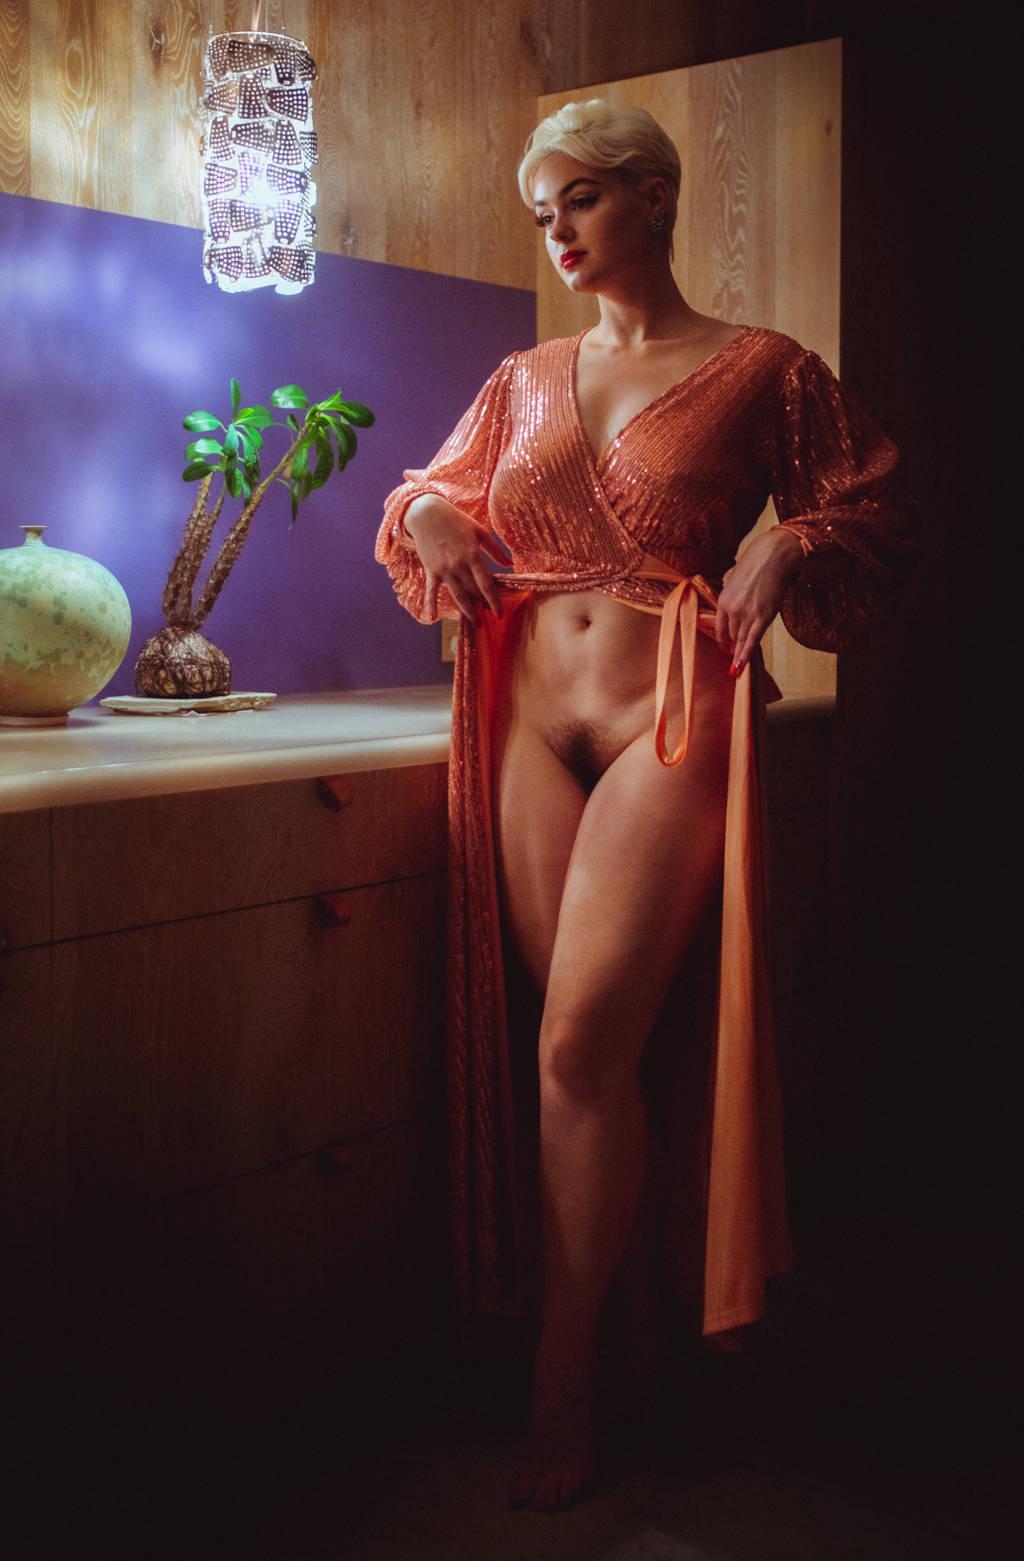 Stefania Ferrario nude | FitNakedGirls.com